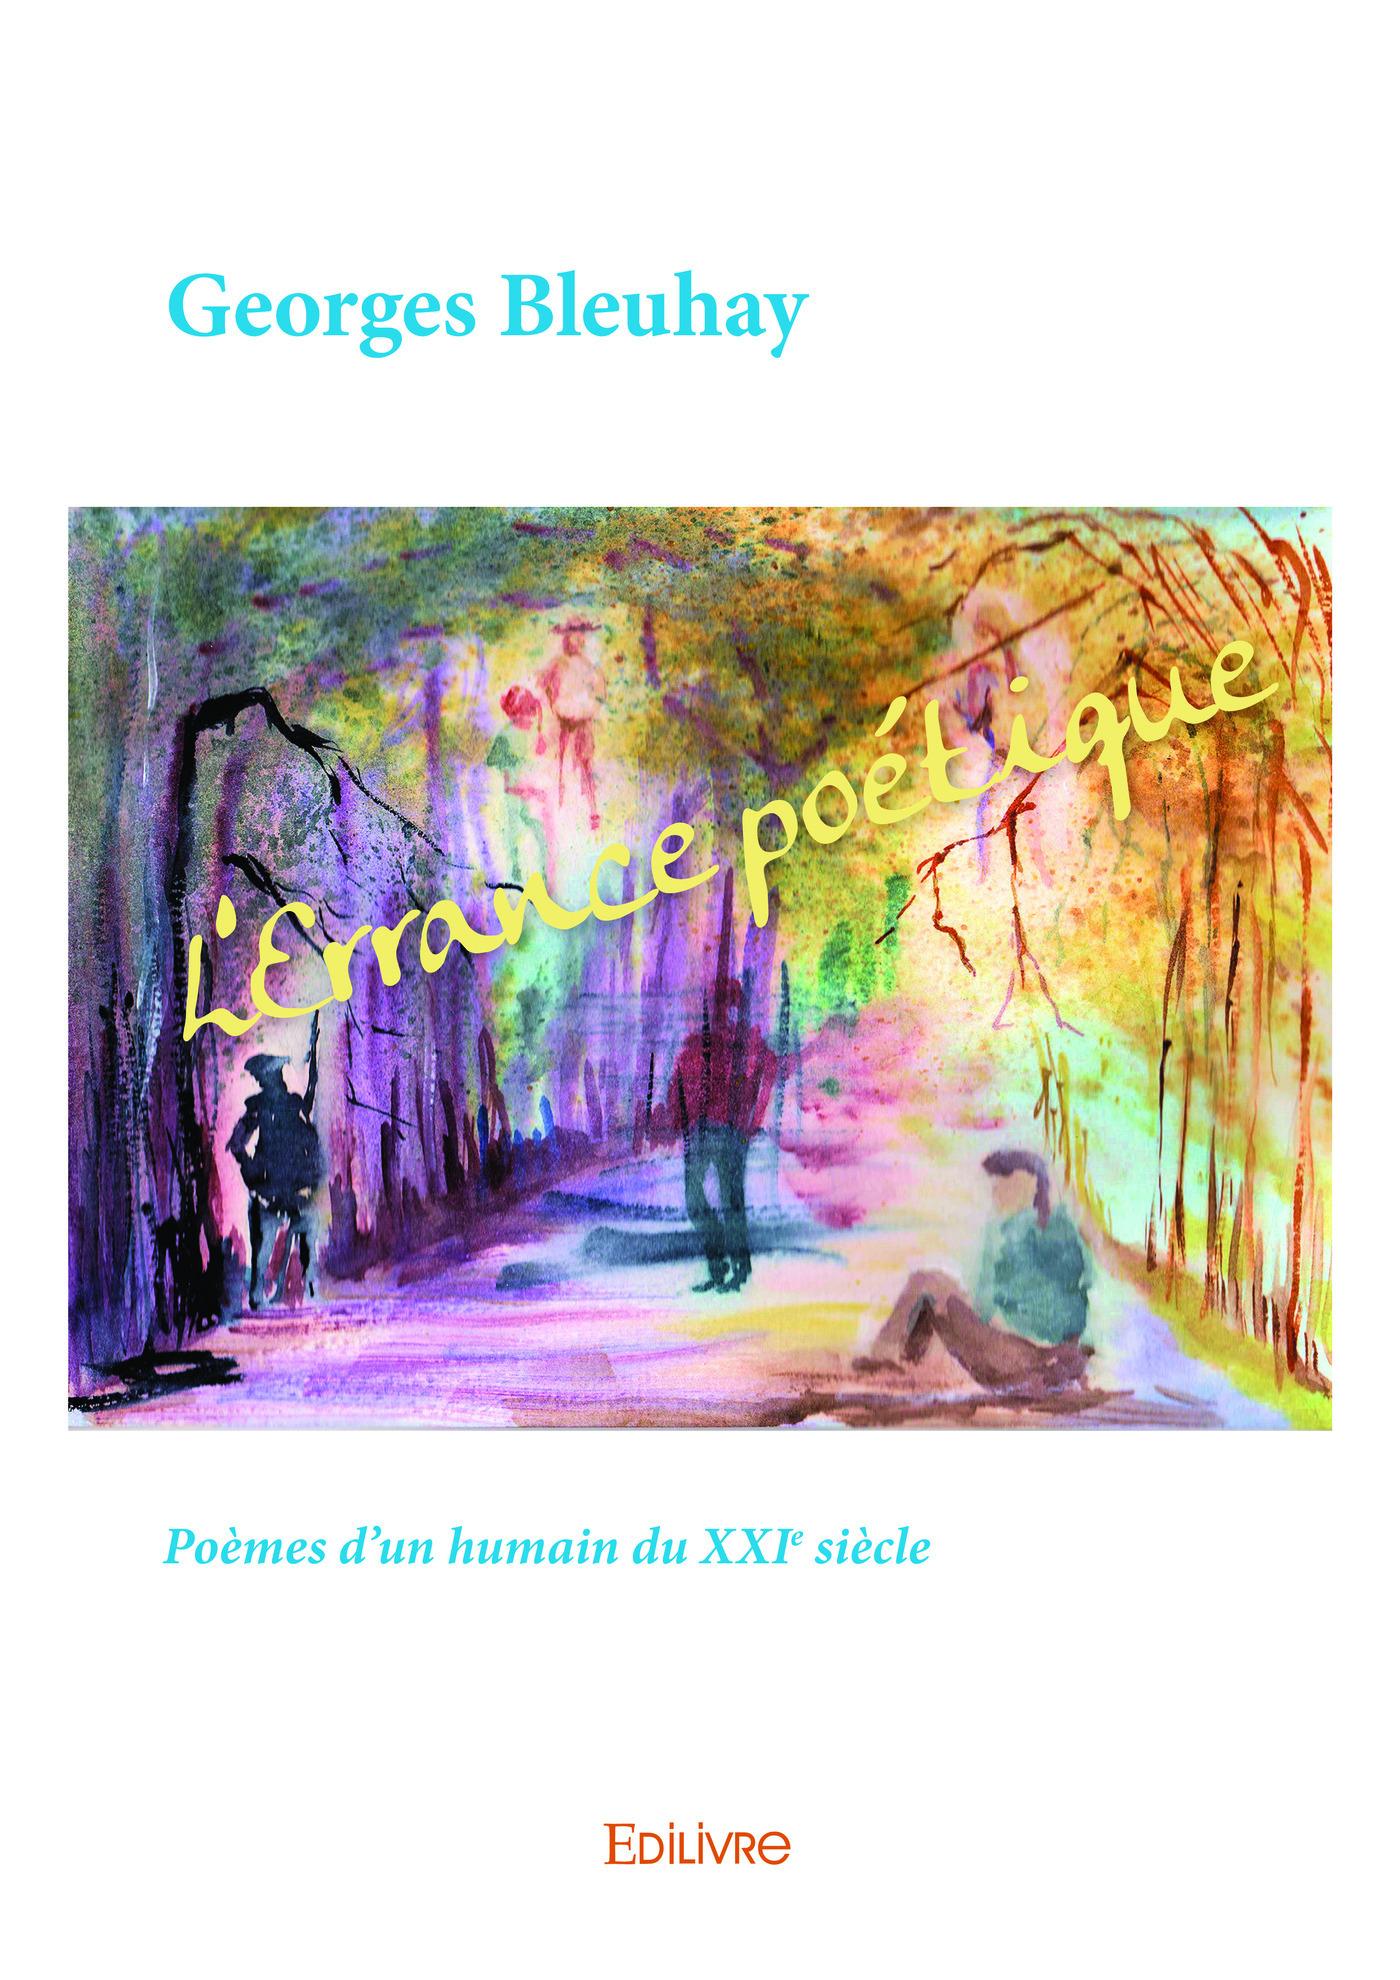 L'errance poétique ; poèmes d'un humain du XXIe siècle